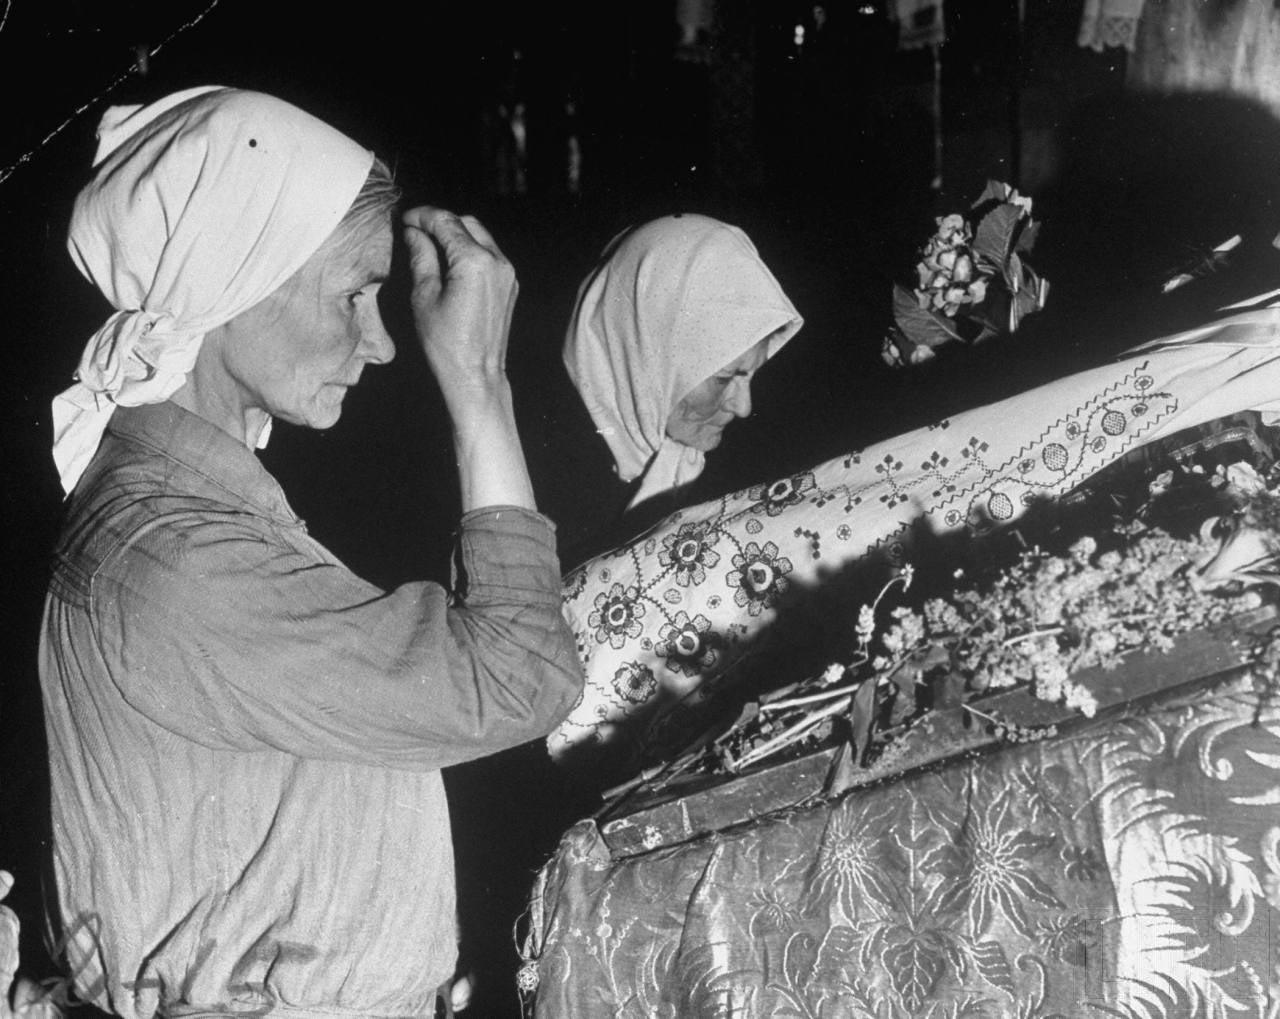 77Женщины молятся перед иконой Святого Петра и Павла в католическом соборе.